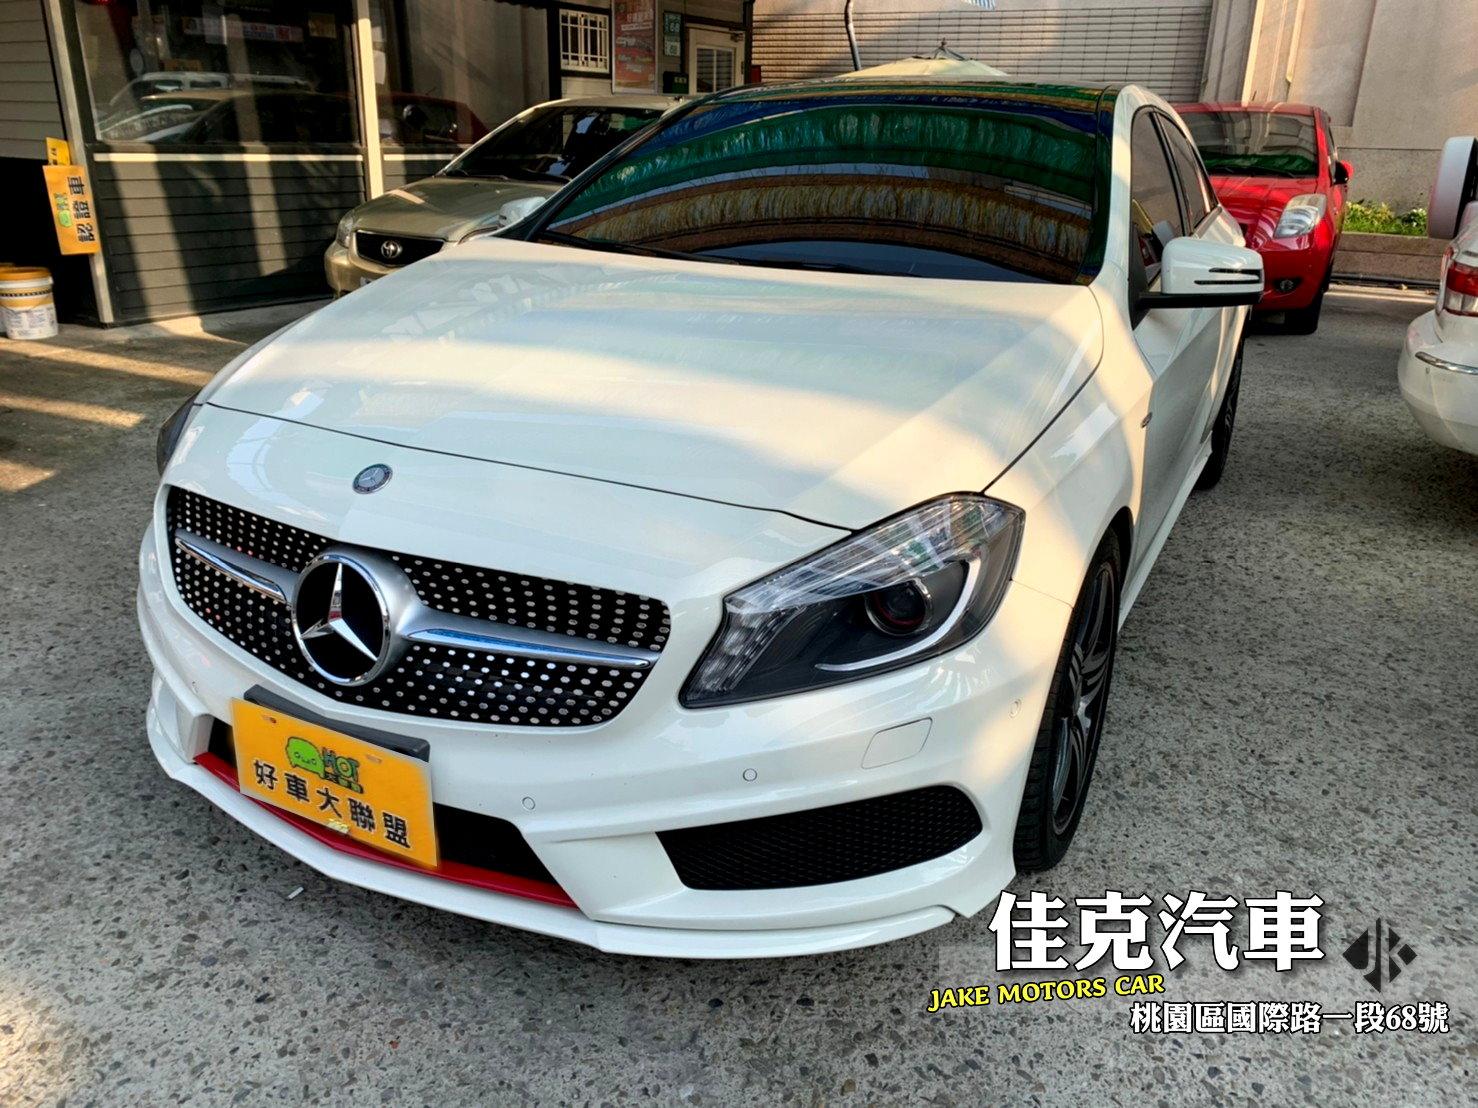 2014 M-Benz 賓士 A-class